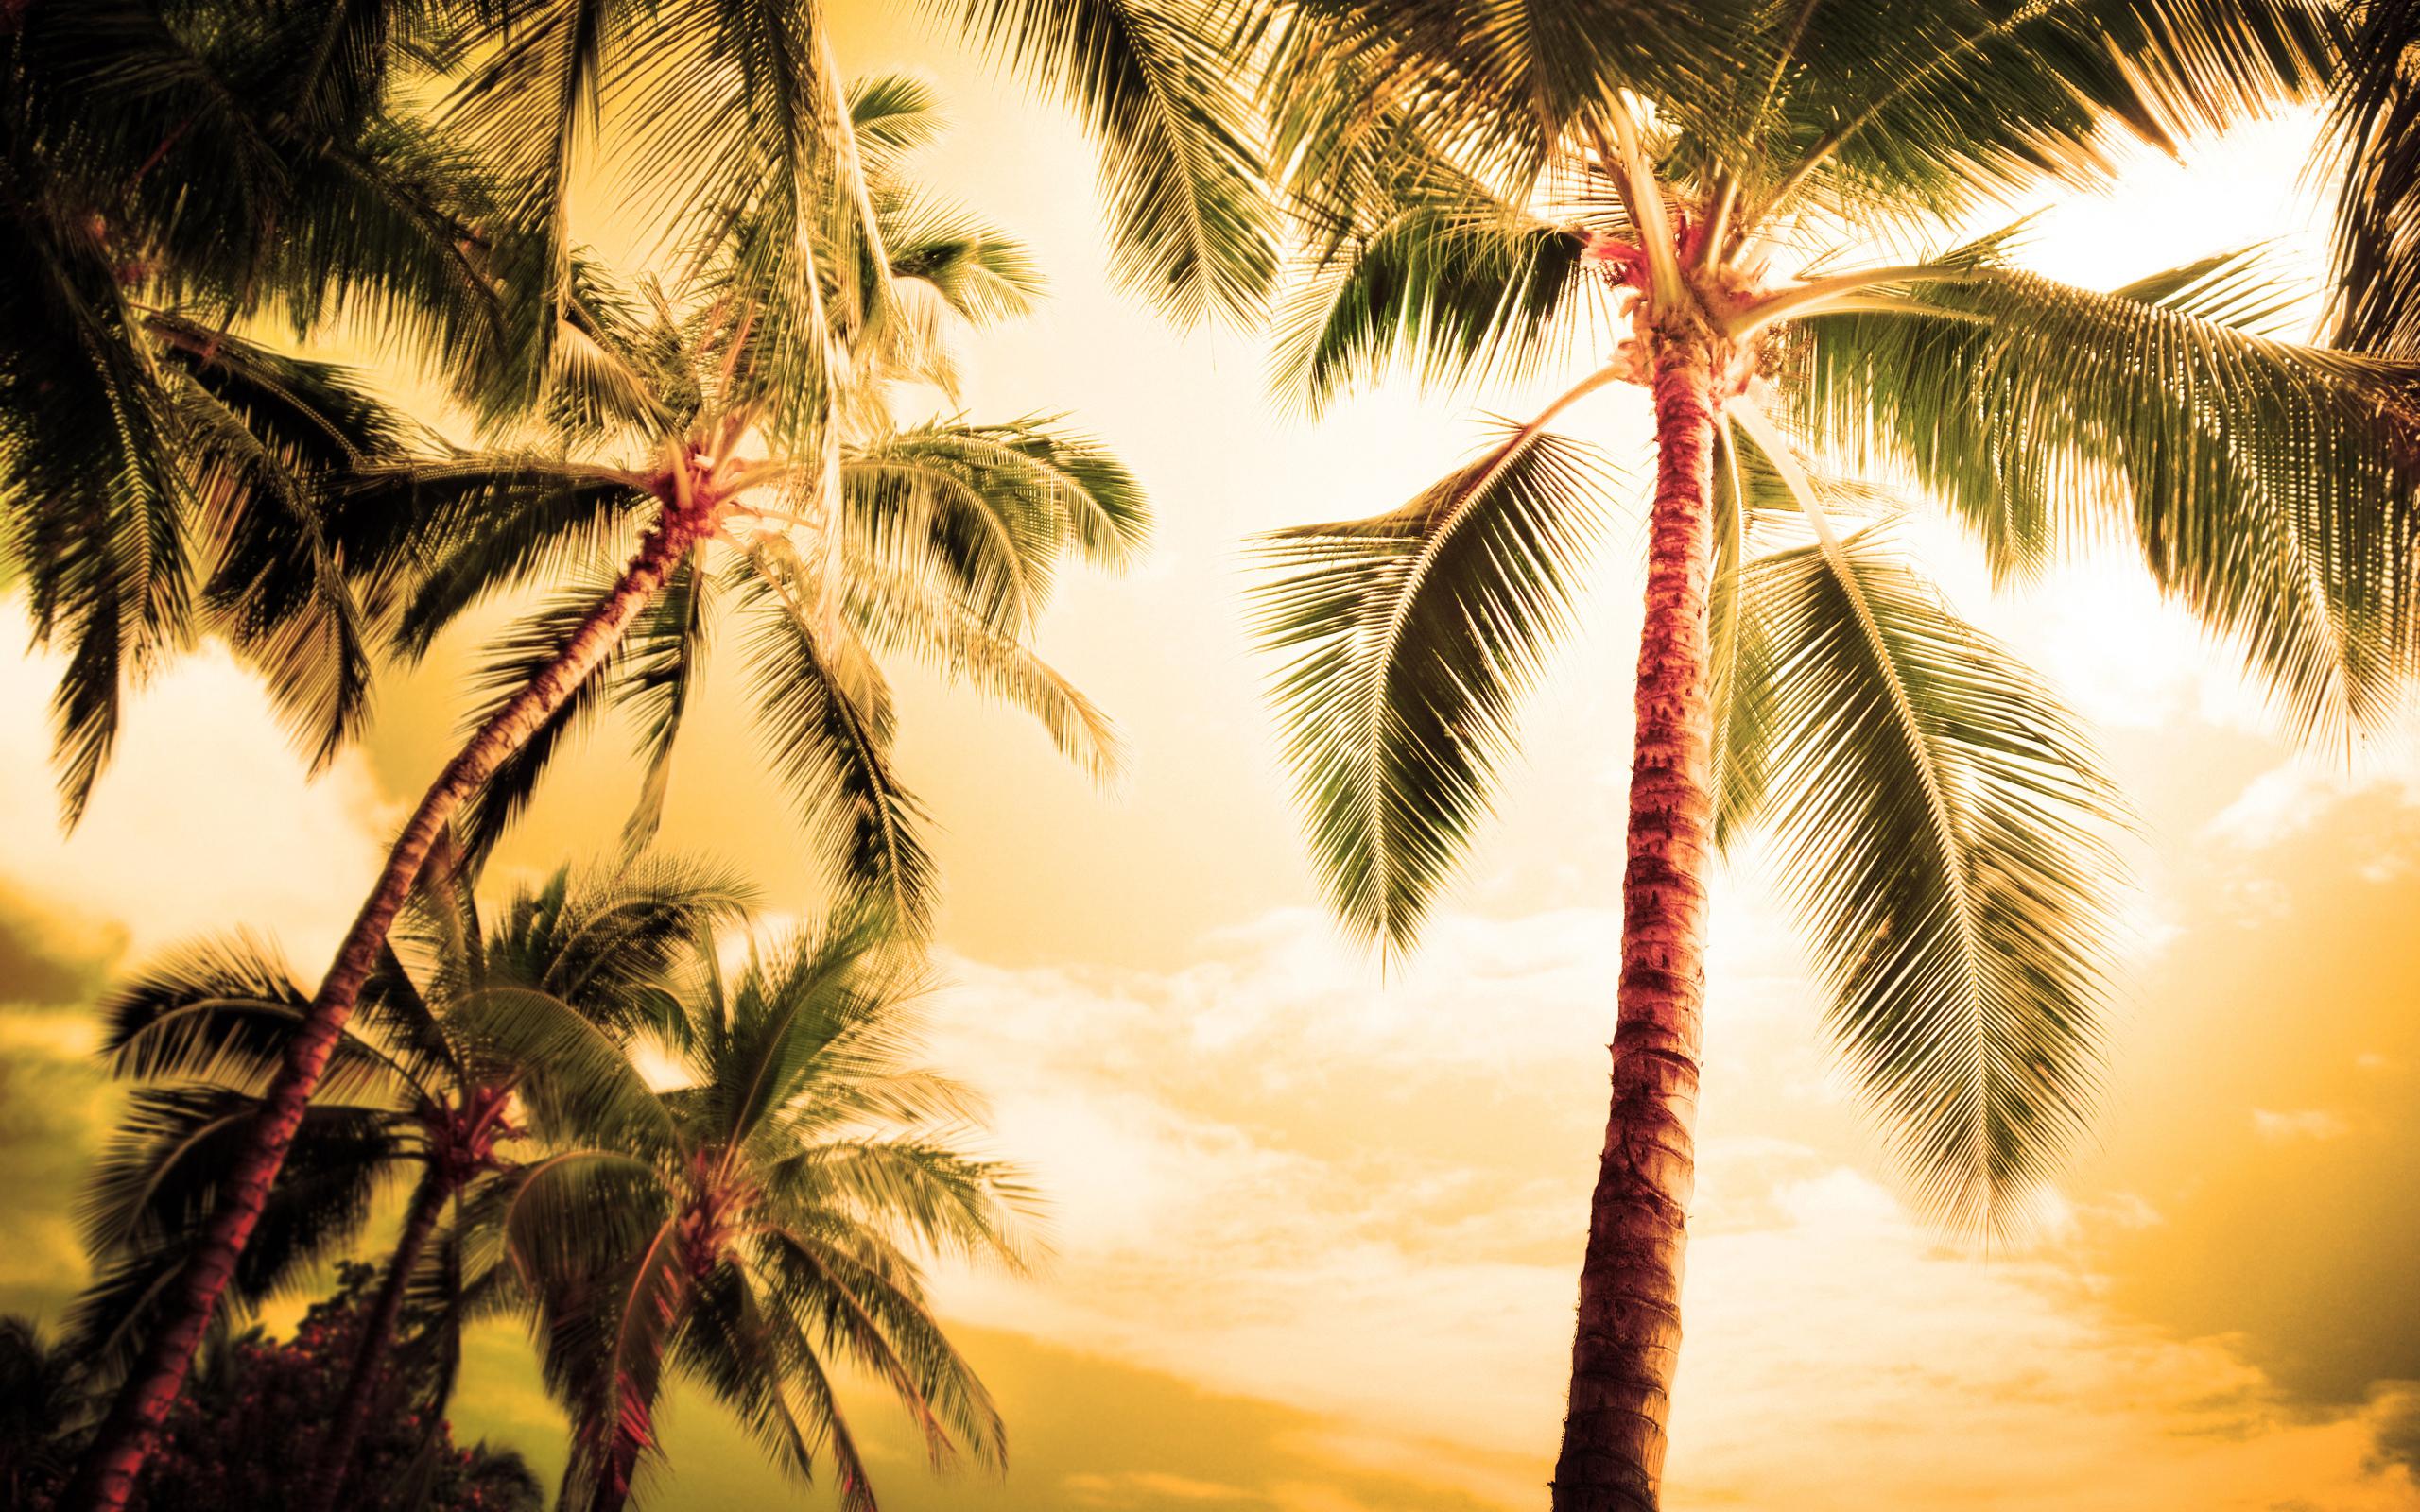 Пальмы картинки на тему